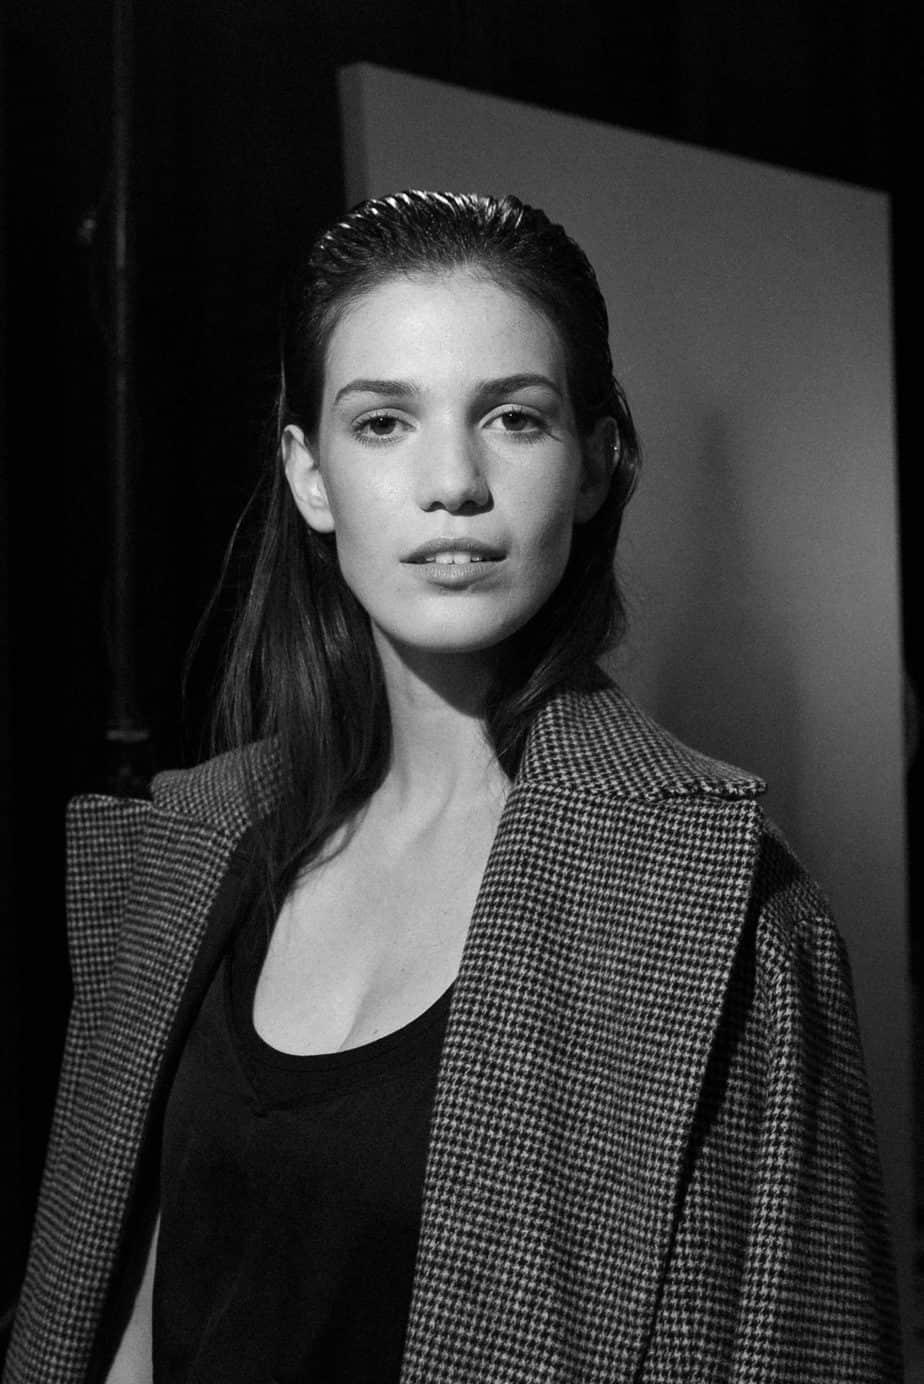 שבוע האופנה תל אביב 2019. צילום עומר קפלן - 10